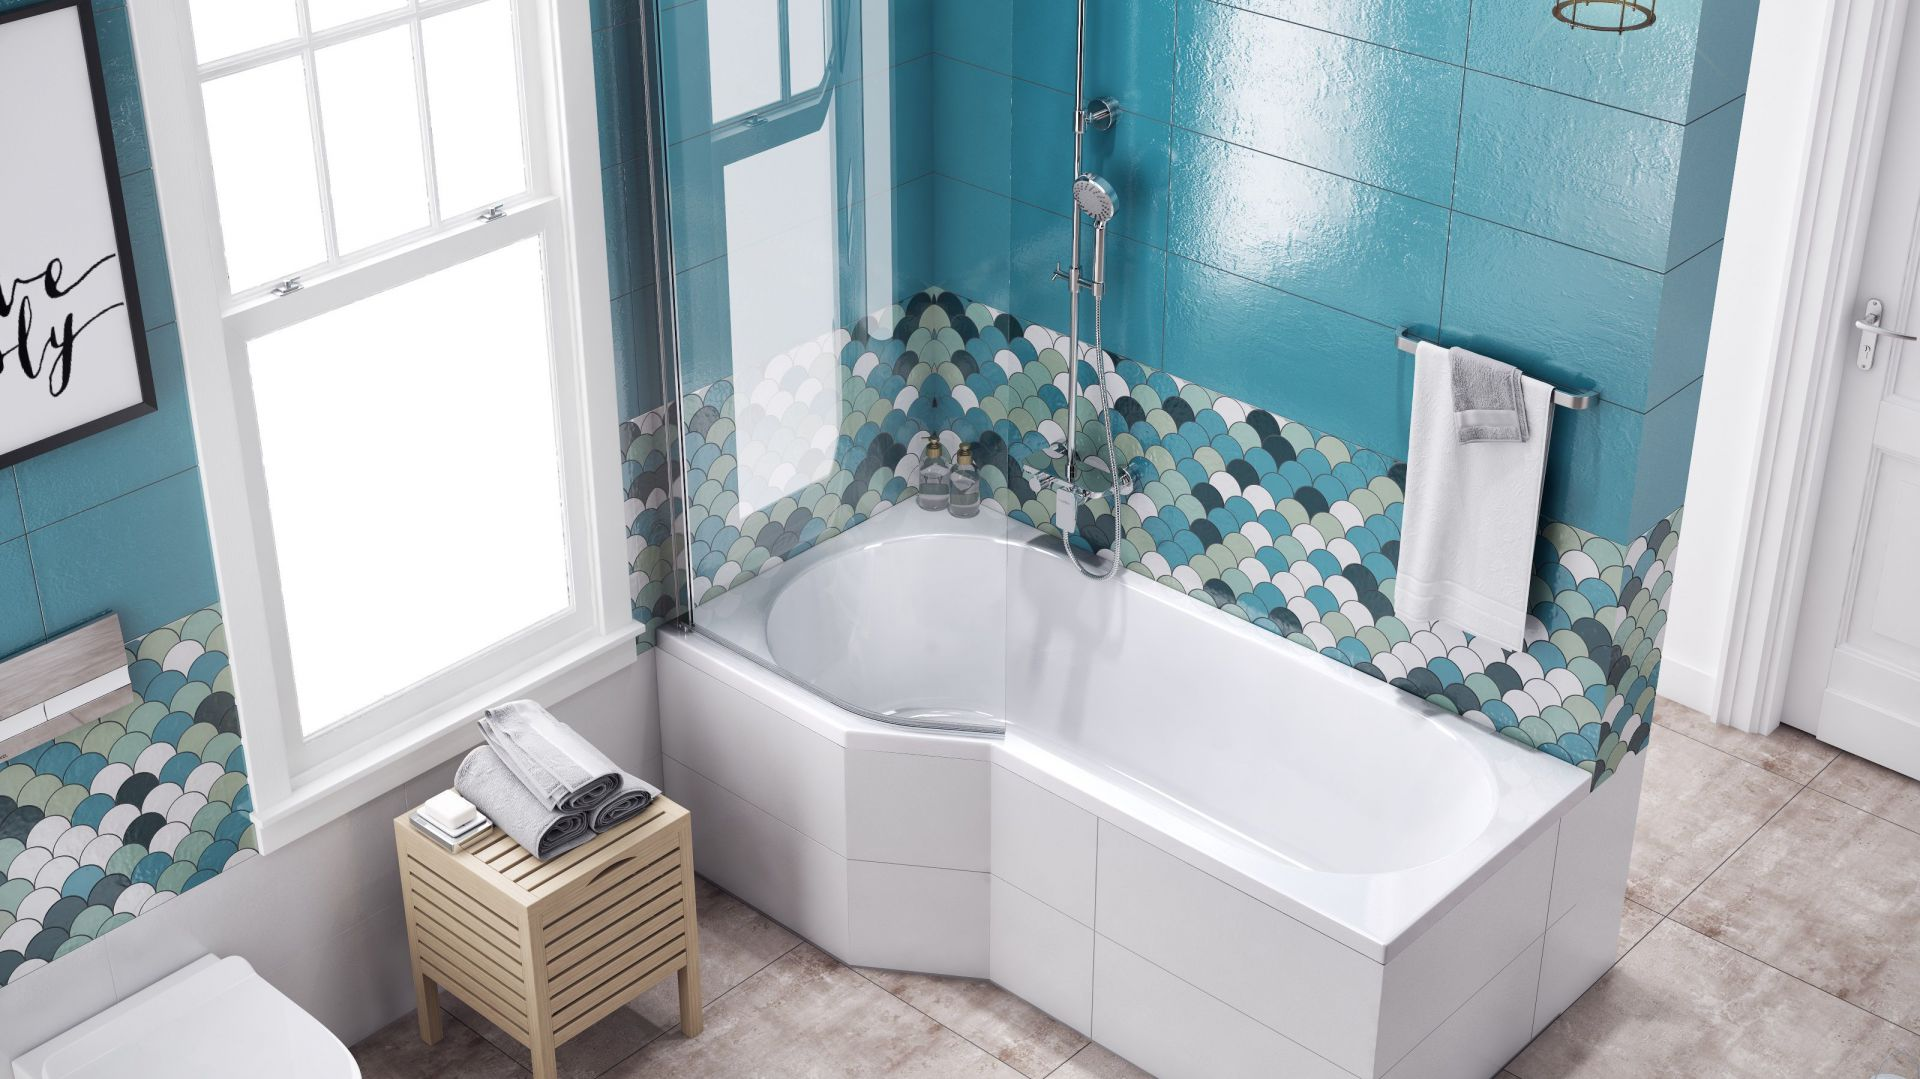 Parawan nawannowy jednoczęściowy gięty BE SPOT to sposób na połączenie funkcji wanny i prysznica na małej przestrzeni; w wersji lewej i prawej. Fot. Excellent